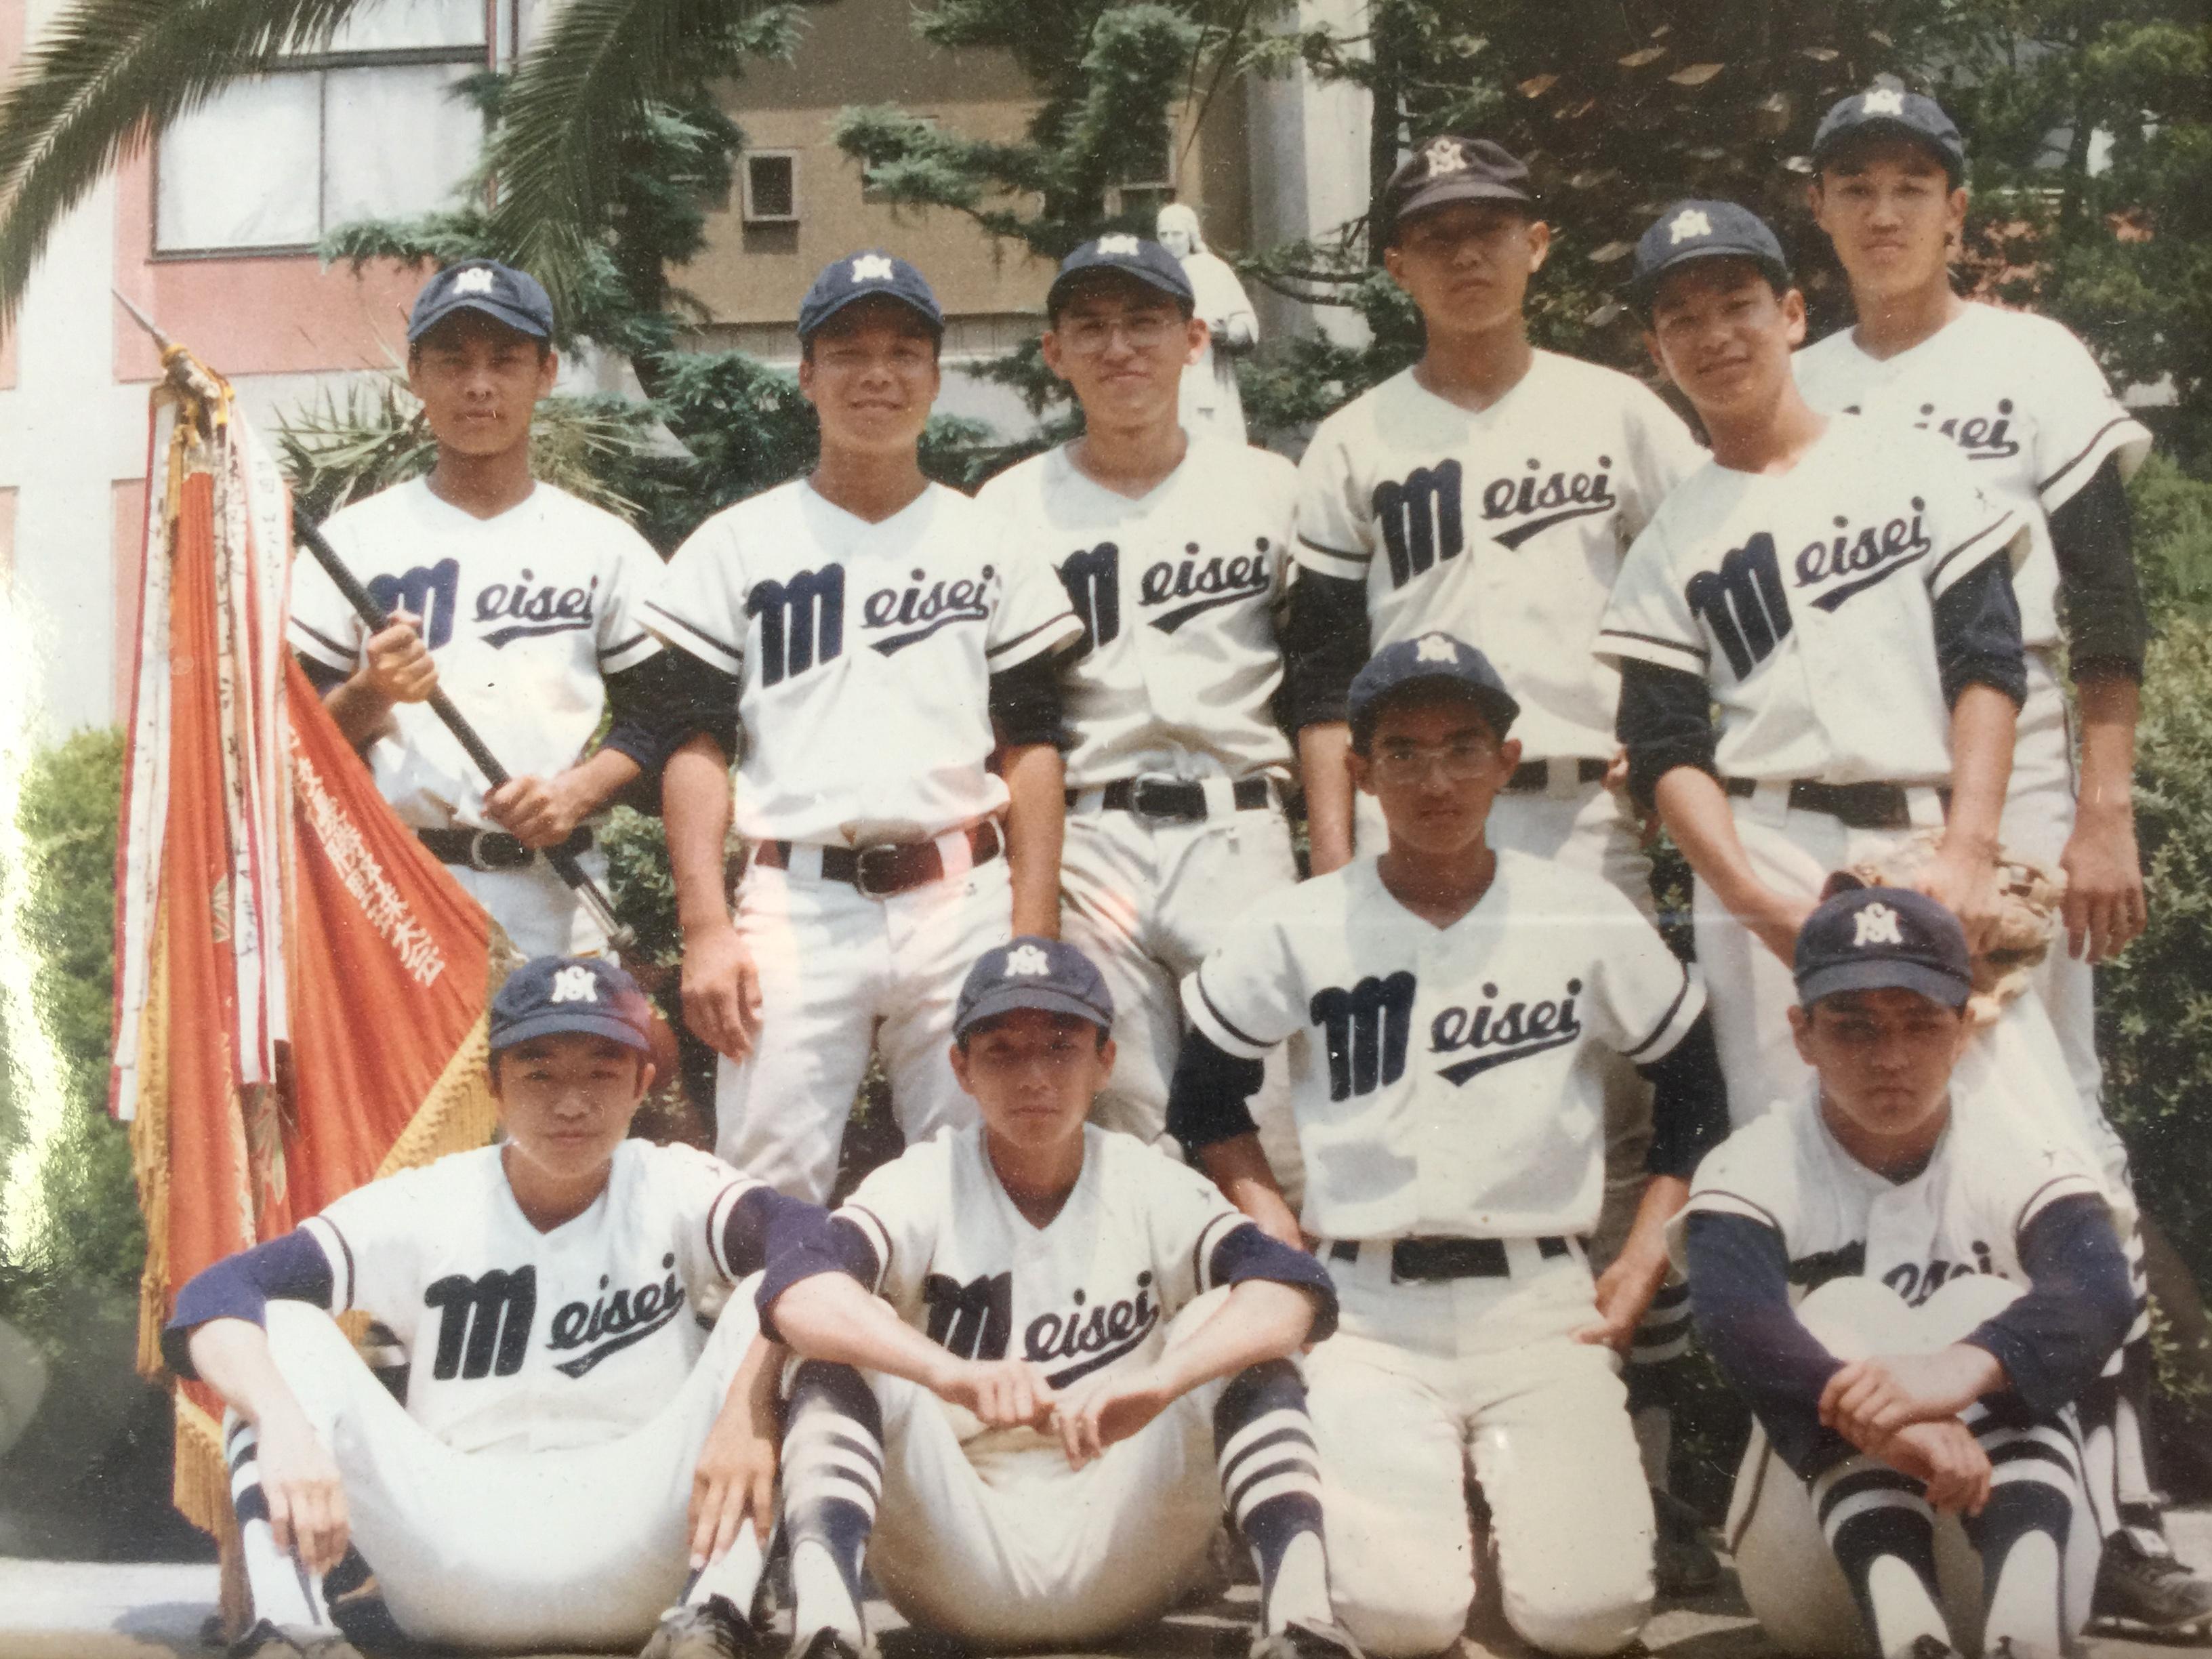 明星中学時代の大谷監督と野球部のメンバー(前列左から2番目が大谷監督)